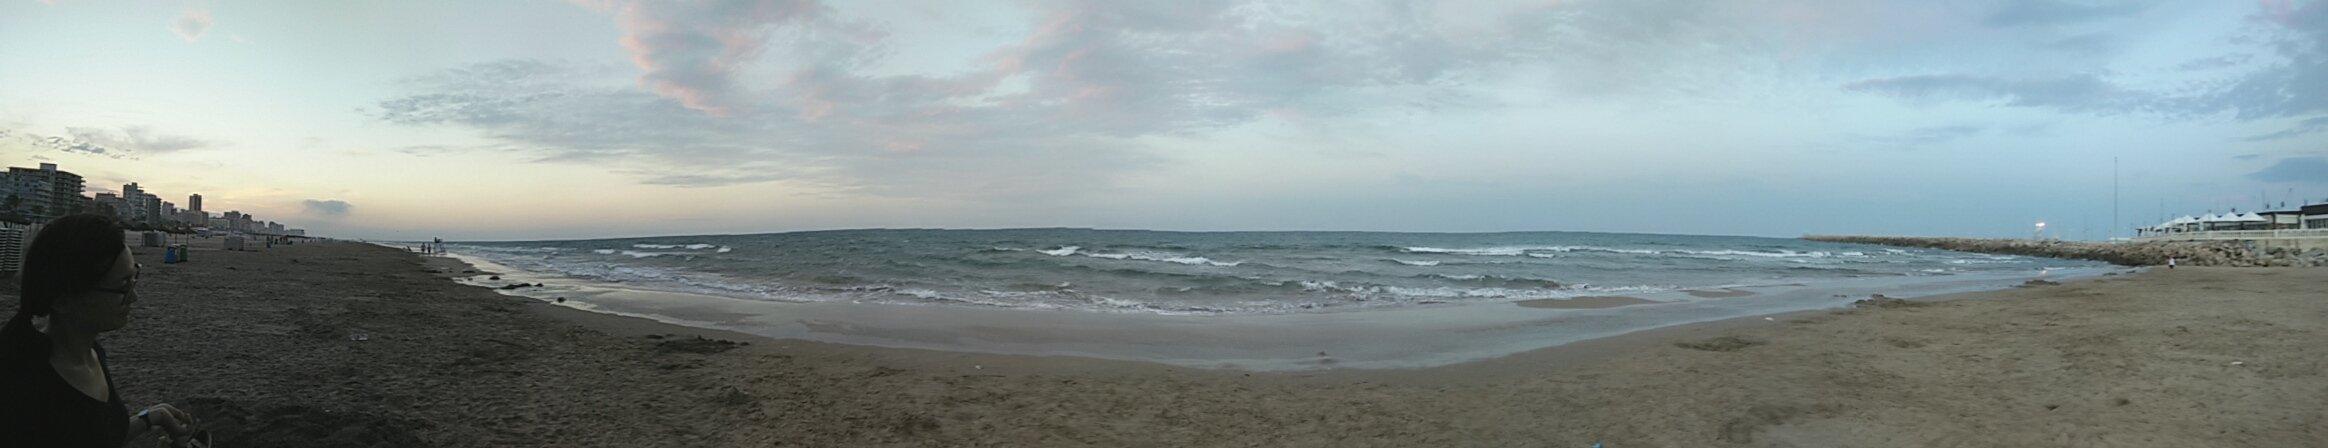 OPO panorama